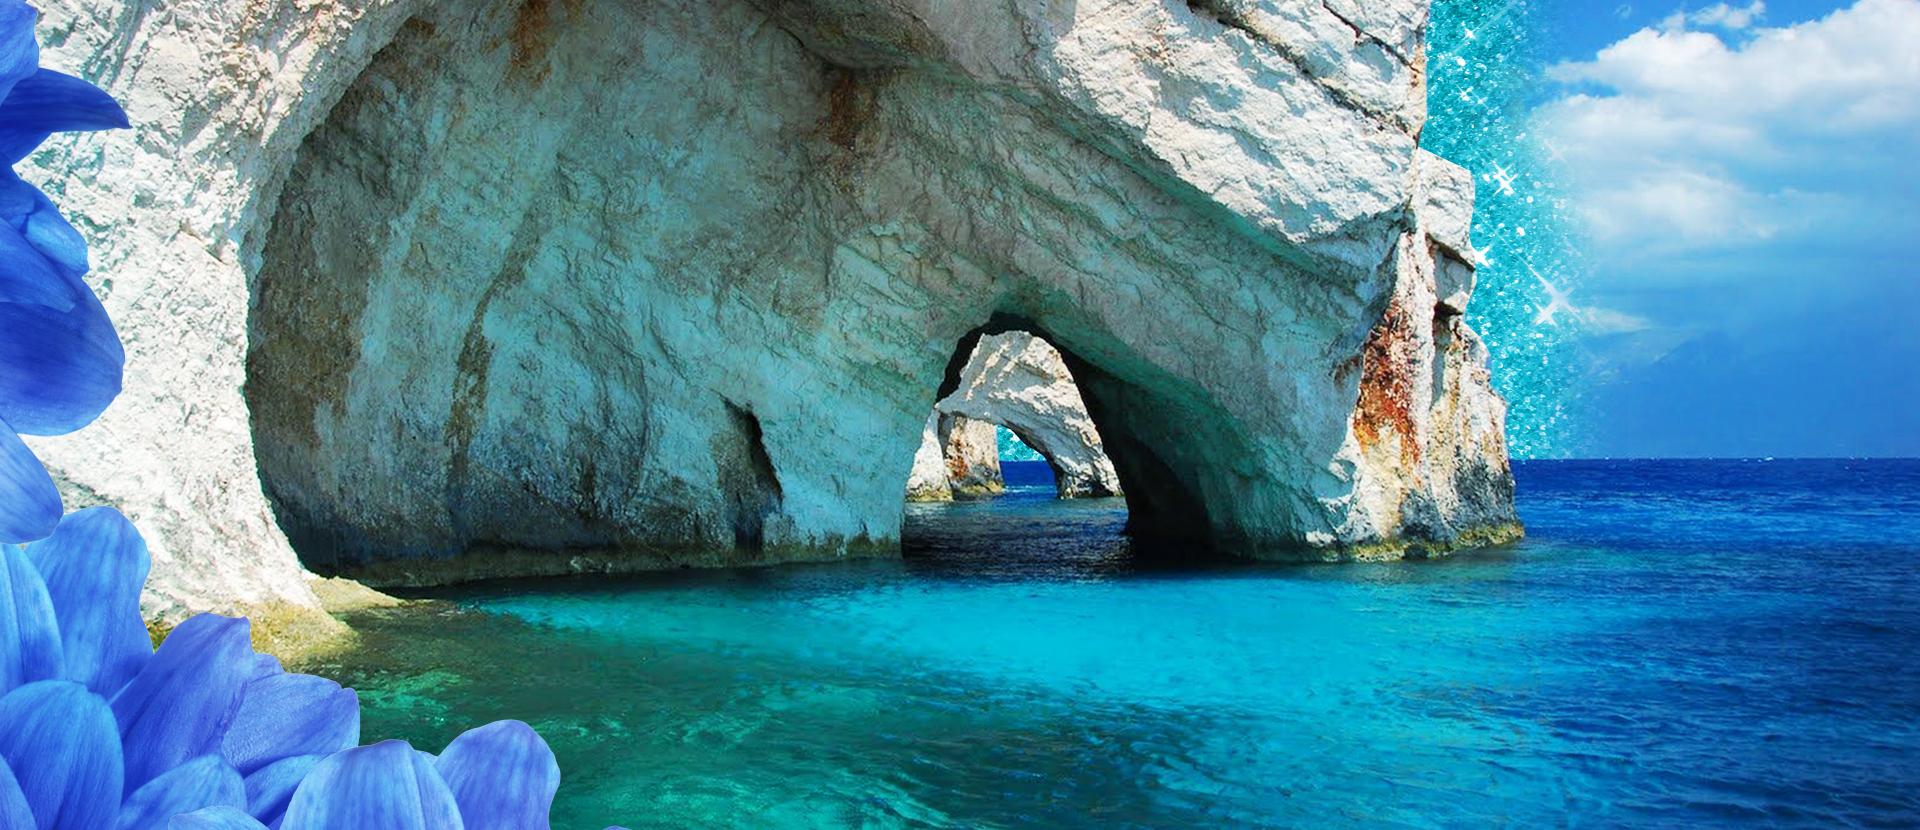 Le Blue Caves a Zante, luogo di rara bellezza nell'isola dei poeti